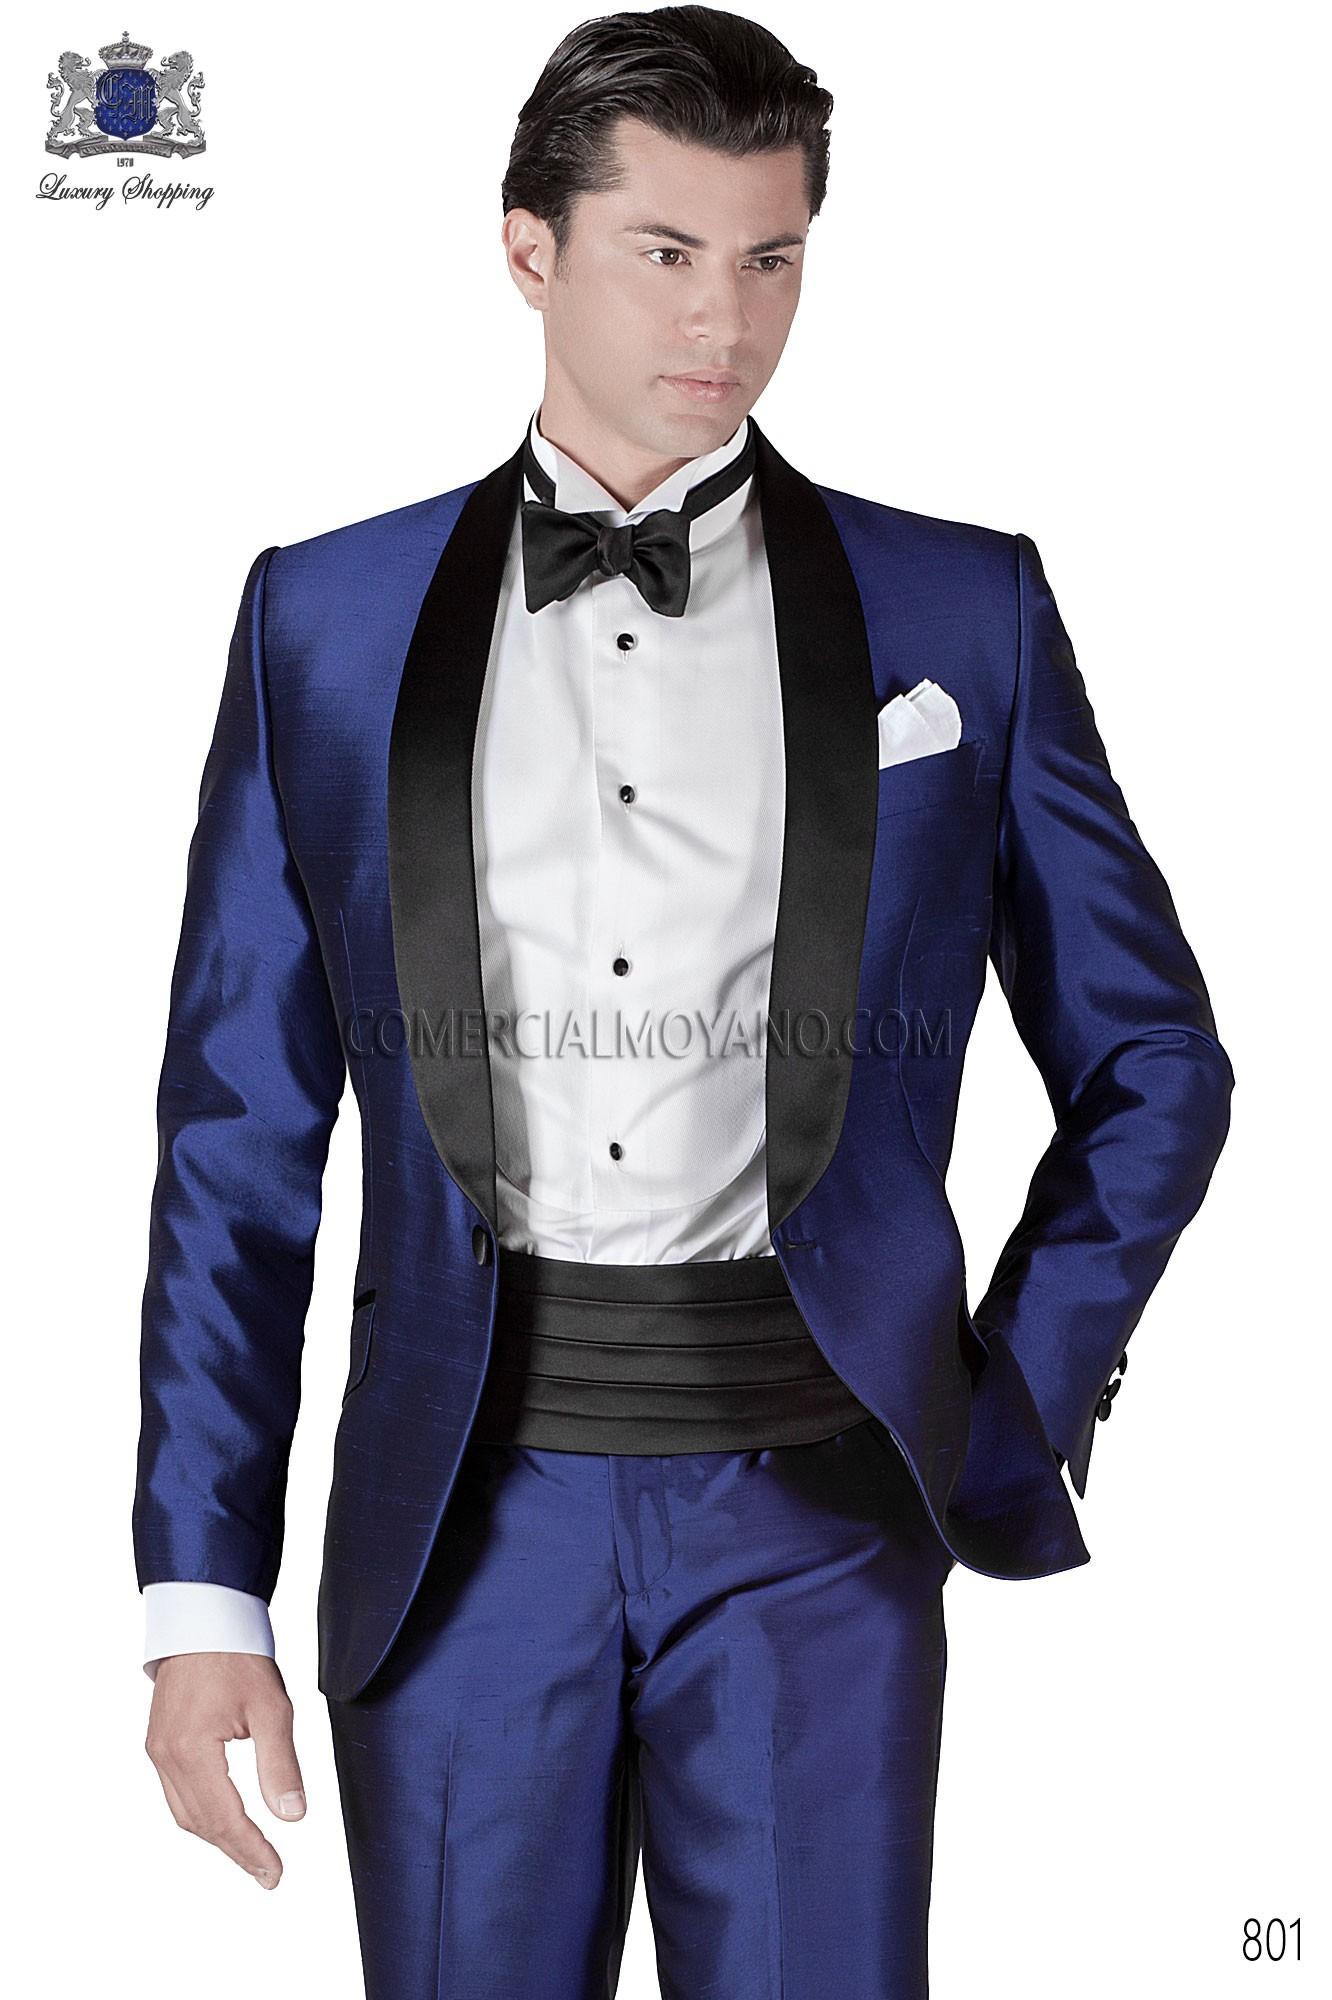 Black Tie royal blue men wedding suit, model: 801 Ottavio Nuccio ...